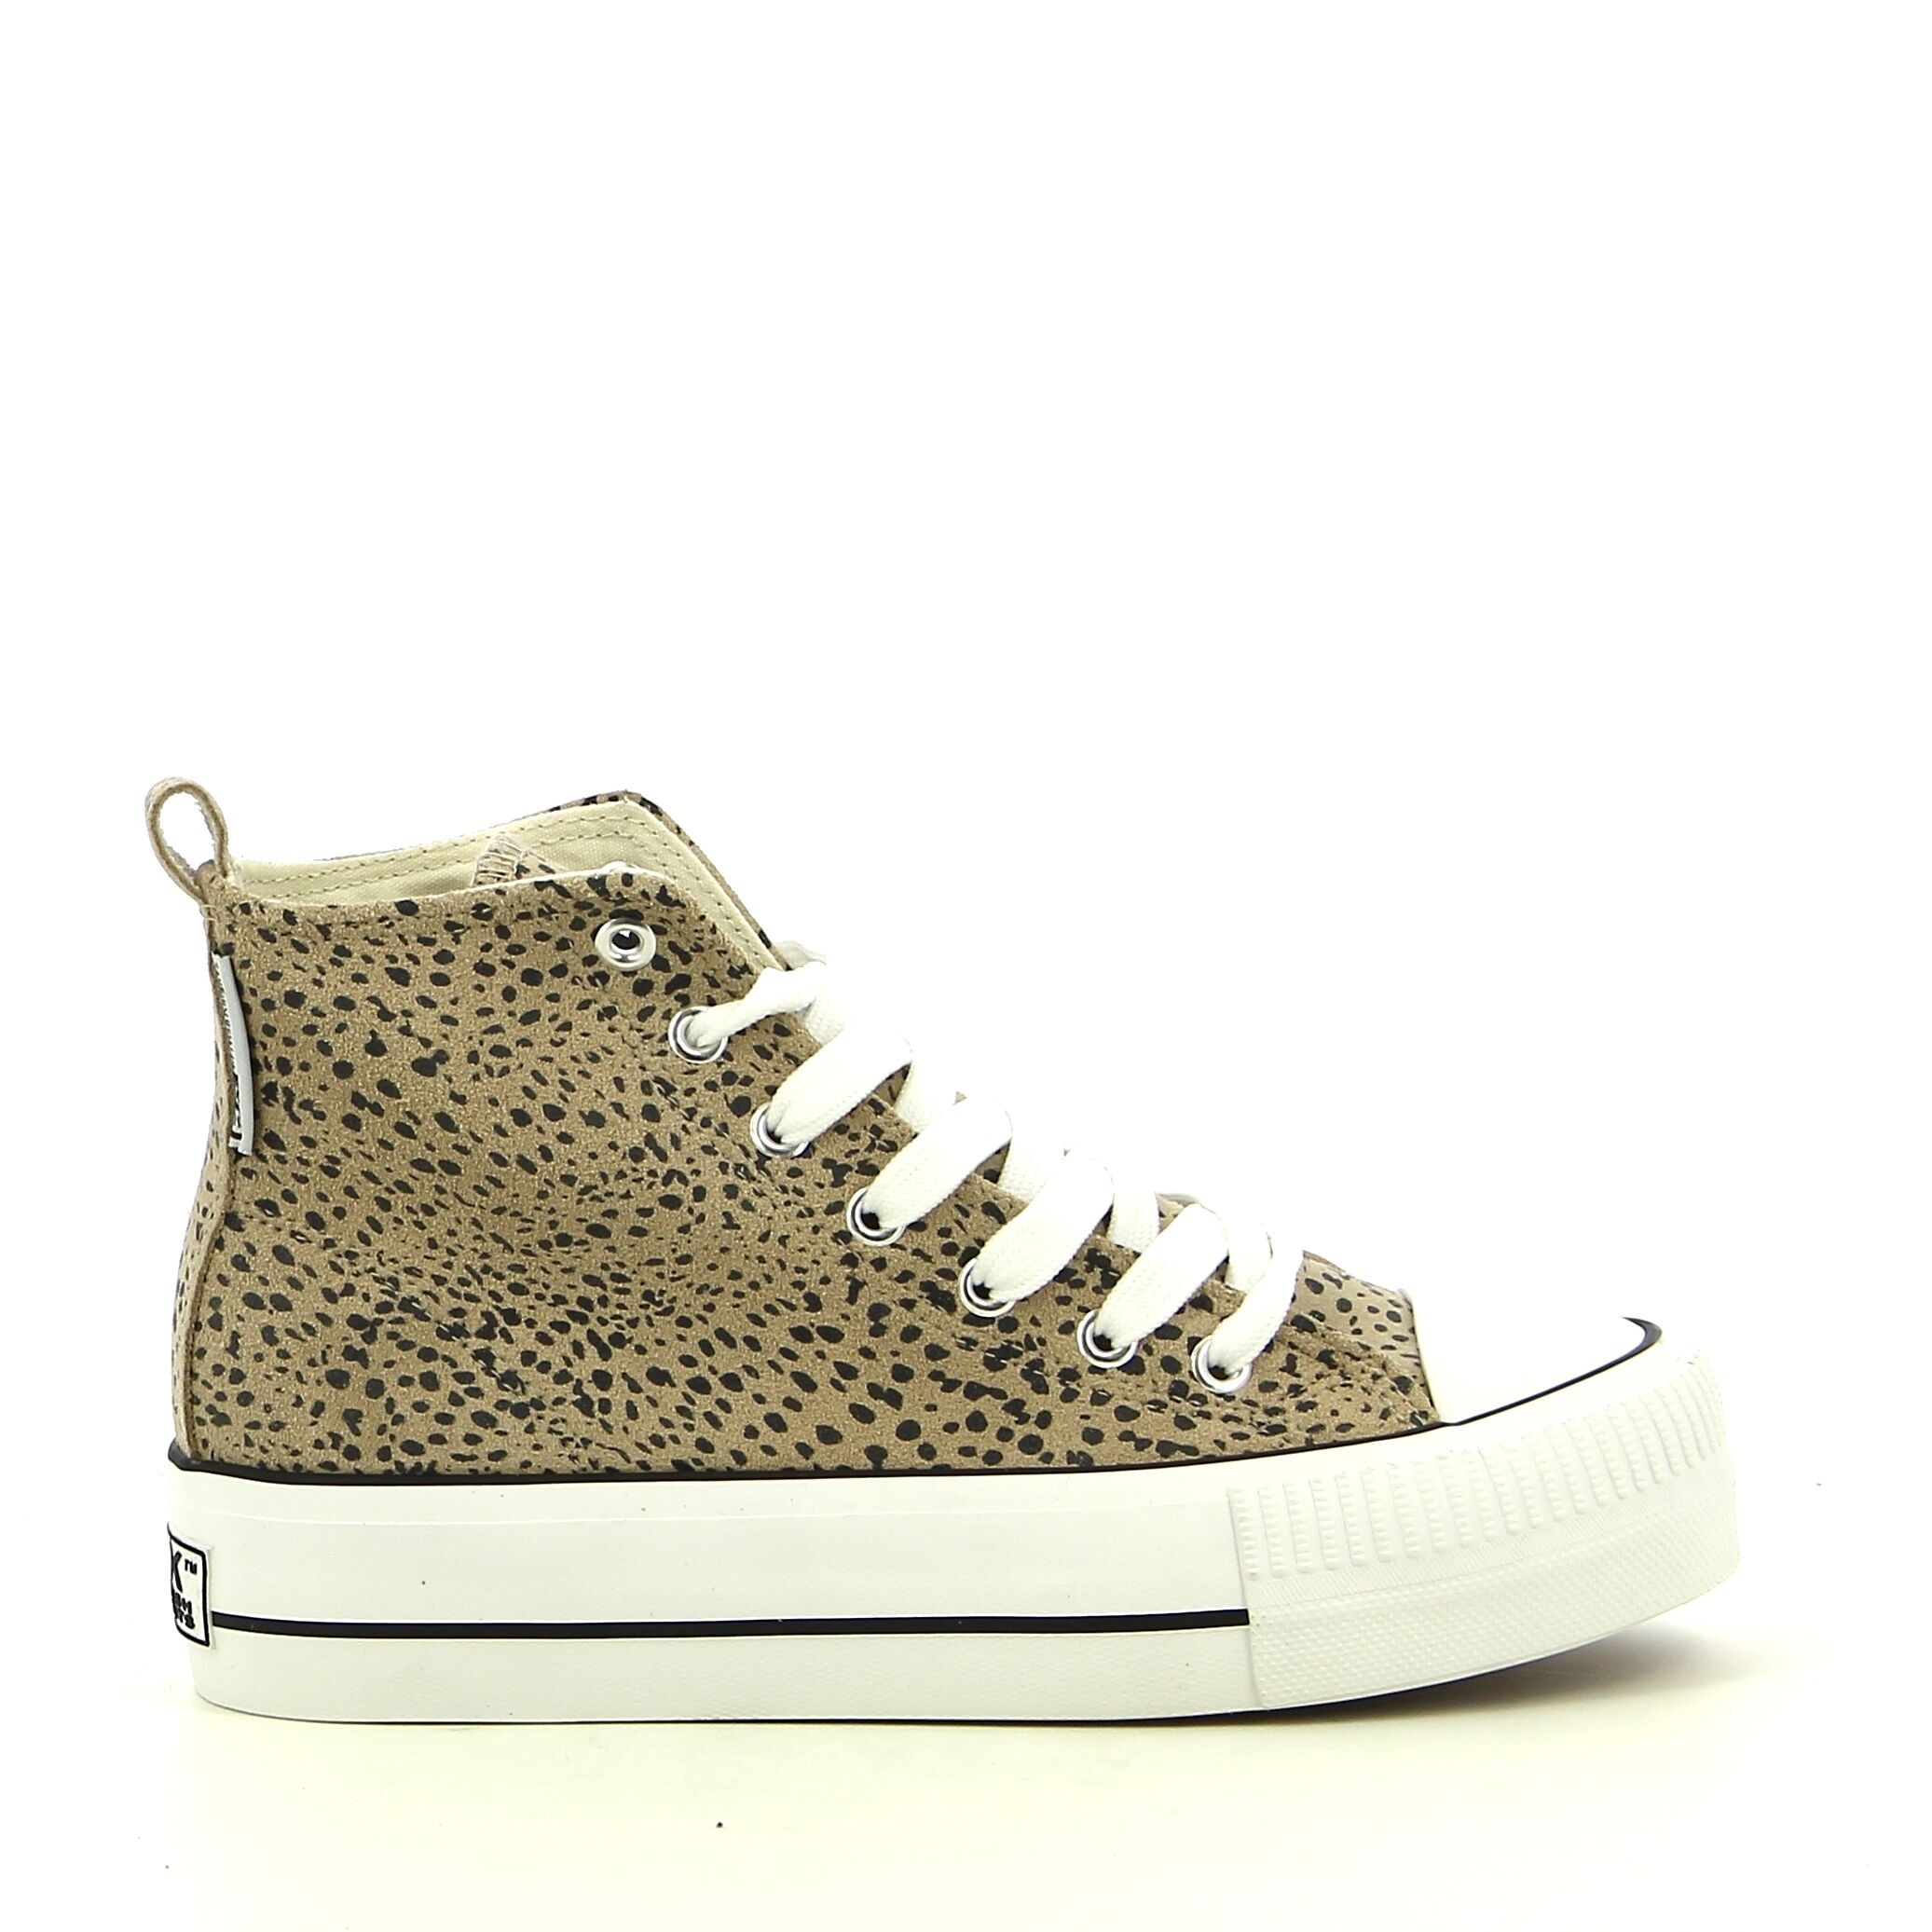 BK - Beige/Luipaard - Sneakers